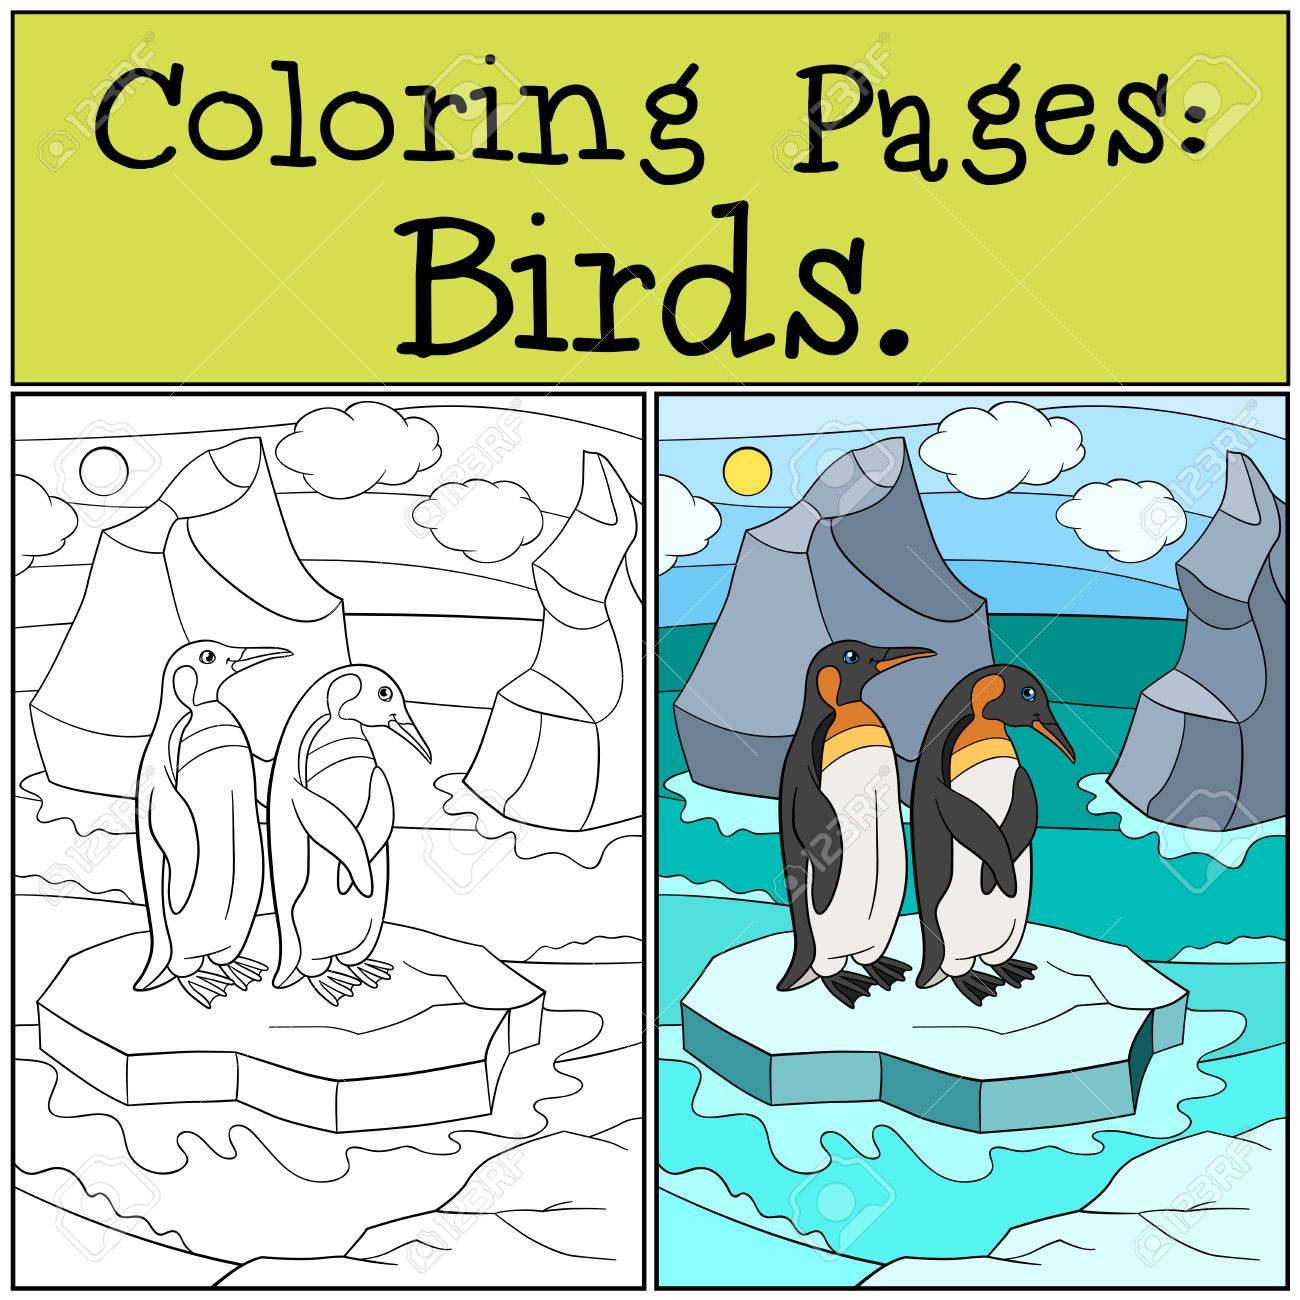 Dibujos Para Colorear: Aves. Dos Pequeños Pingüinos Lindos Se ...